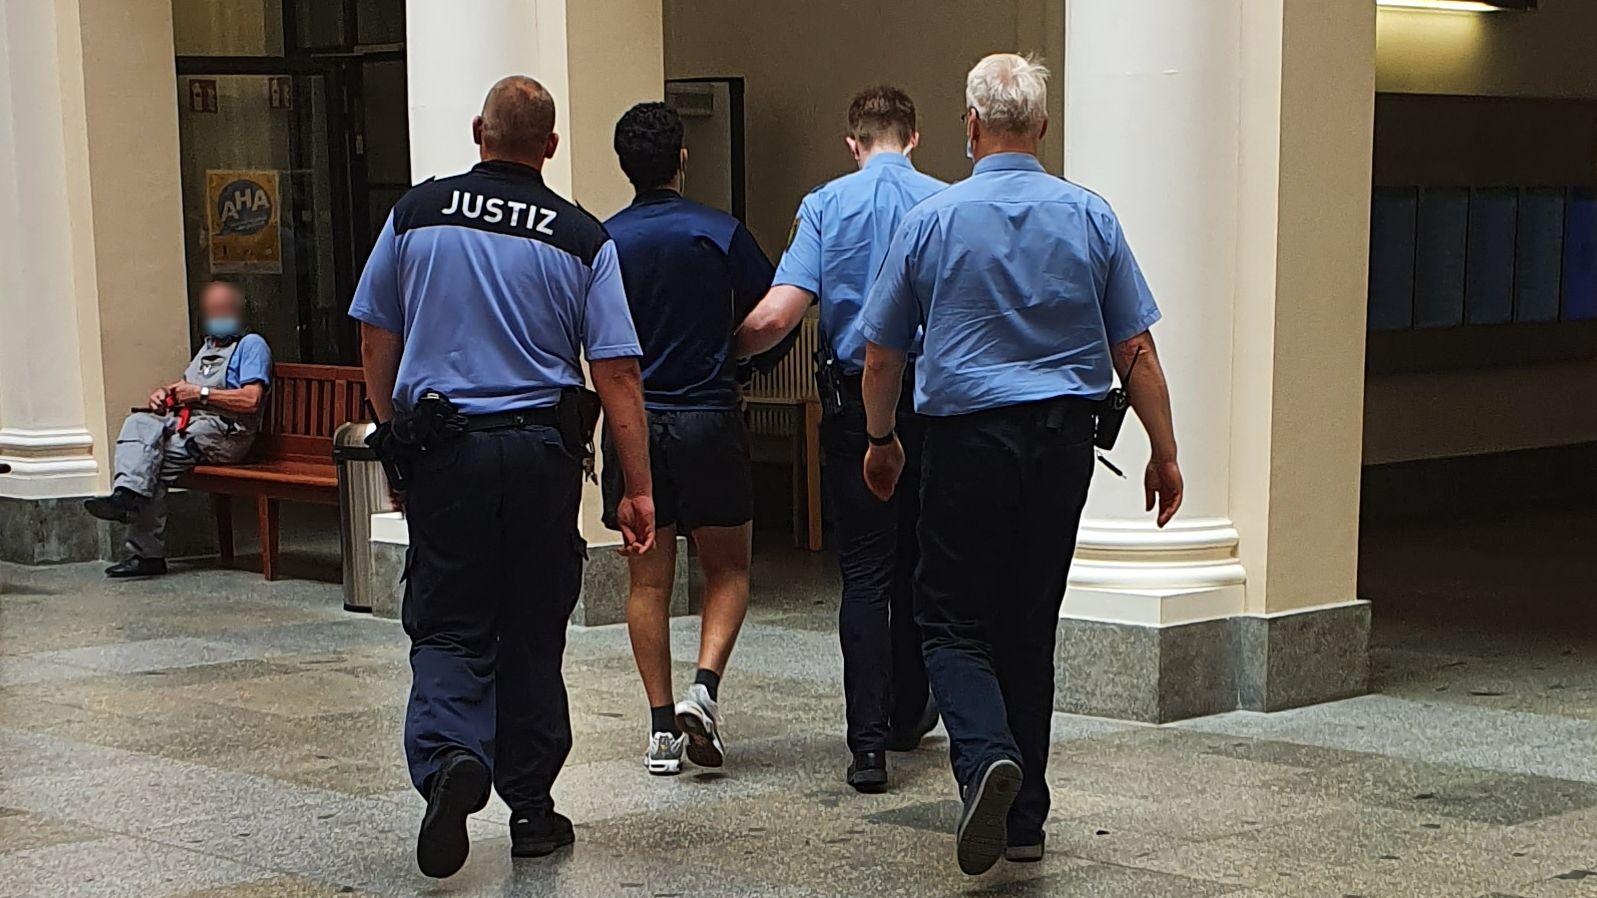 Nach dem Prozess wurde der Angeklagte abgeführt.